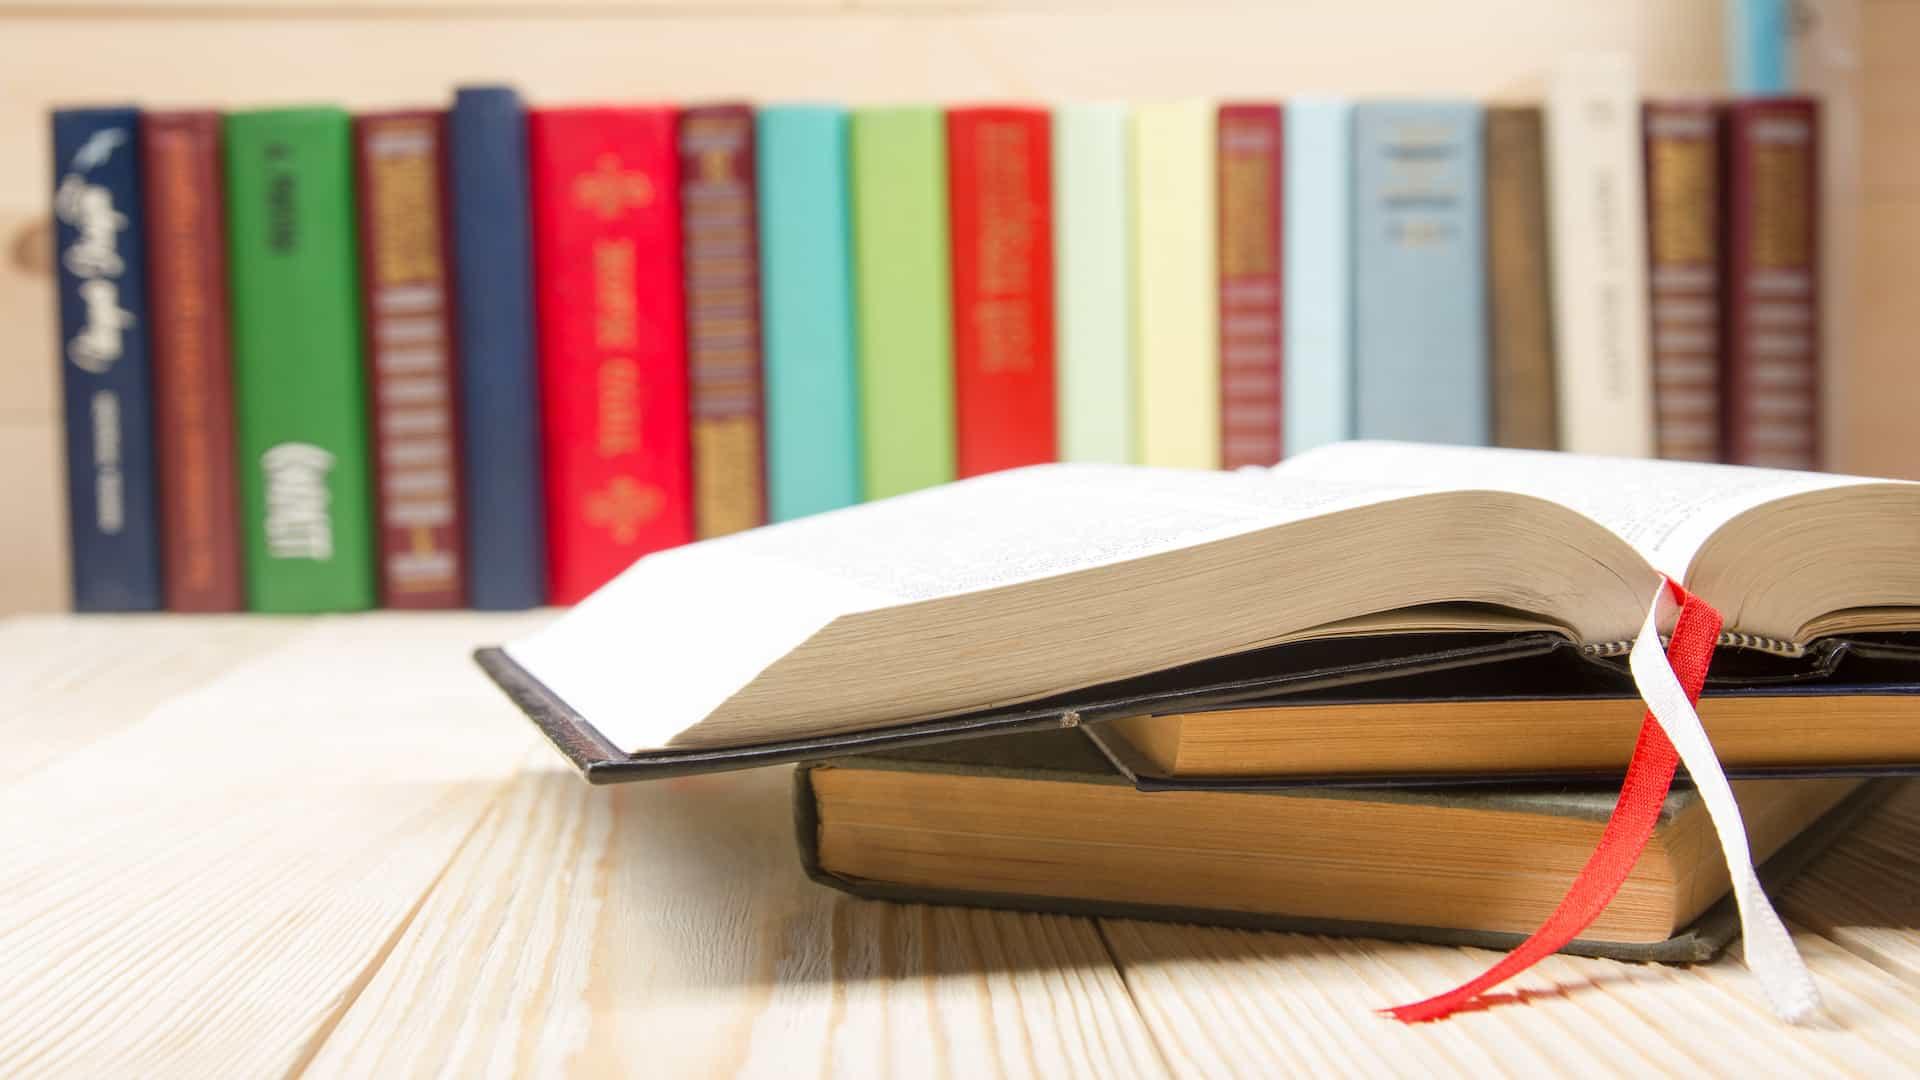 Zelfhulpboek: Wat zijn de beste zelfhulpboeken van 2020?